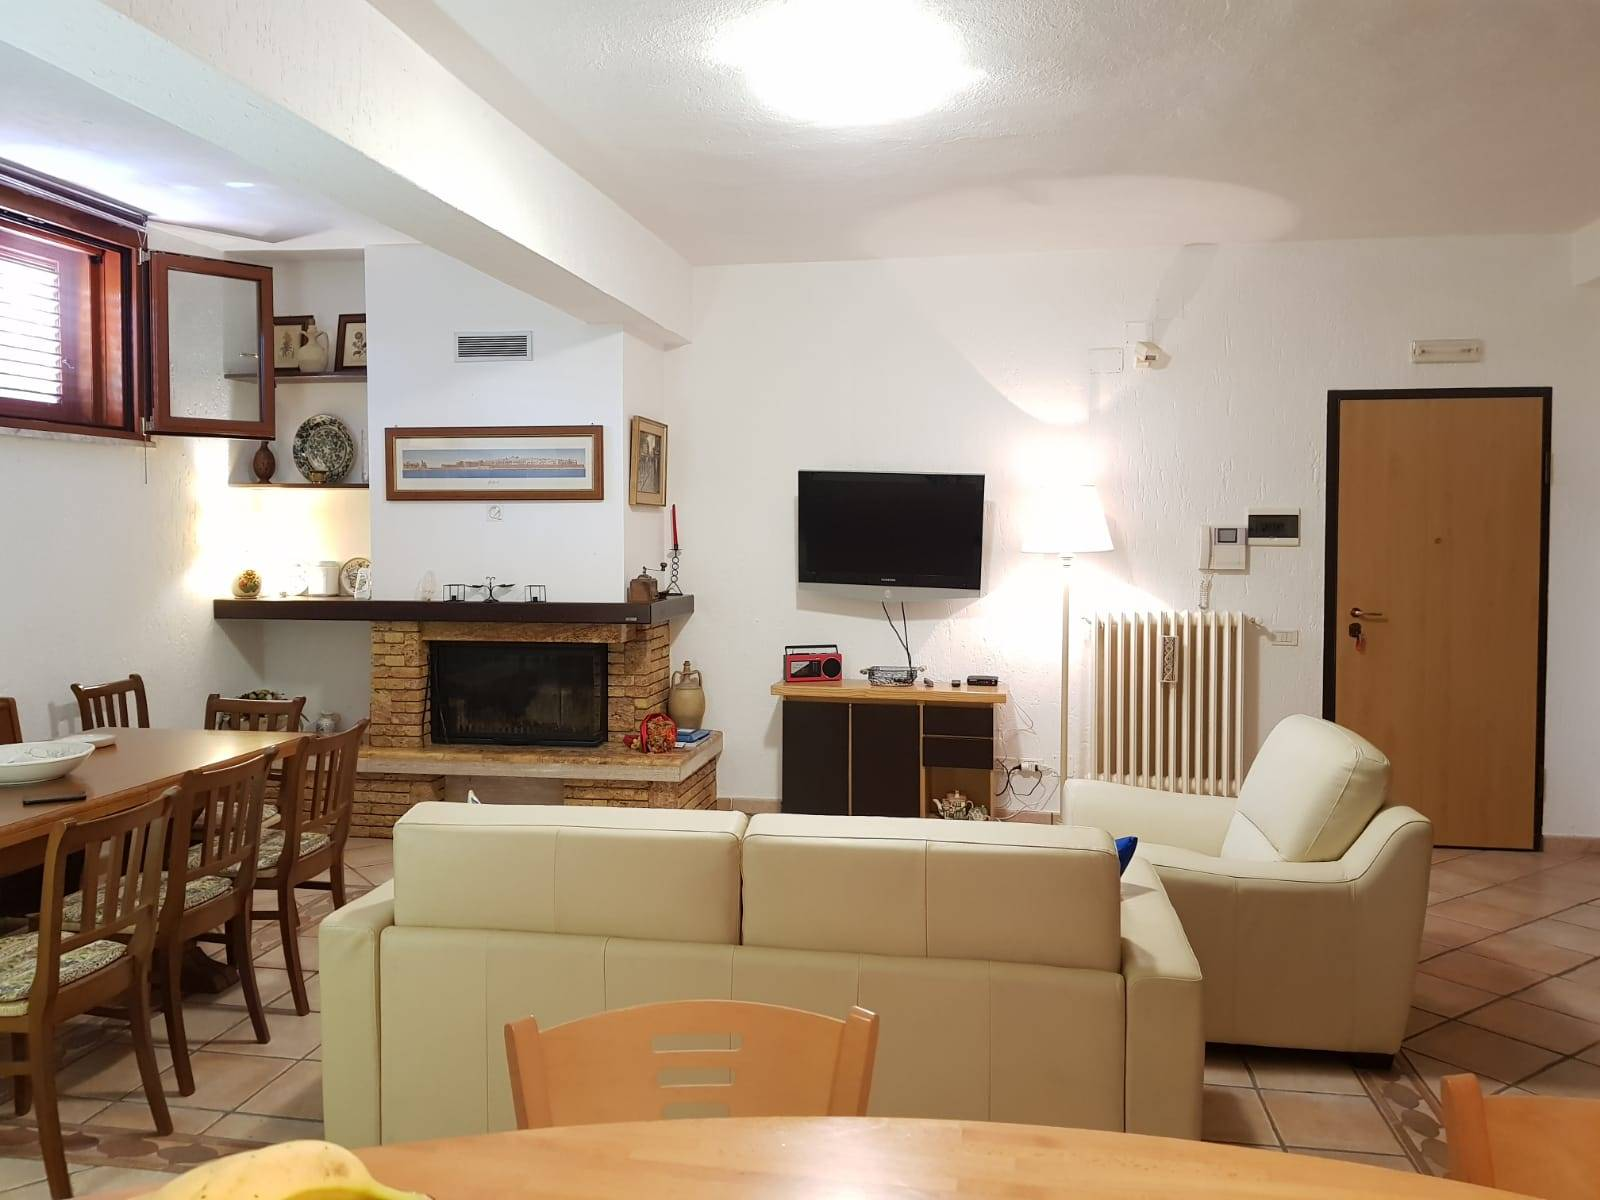 Appartamento in affitto a Matera, 3 locali, zona Zona: Periferia Sud, prezzo € 450 | CambioCasa.it